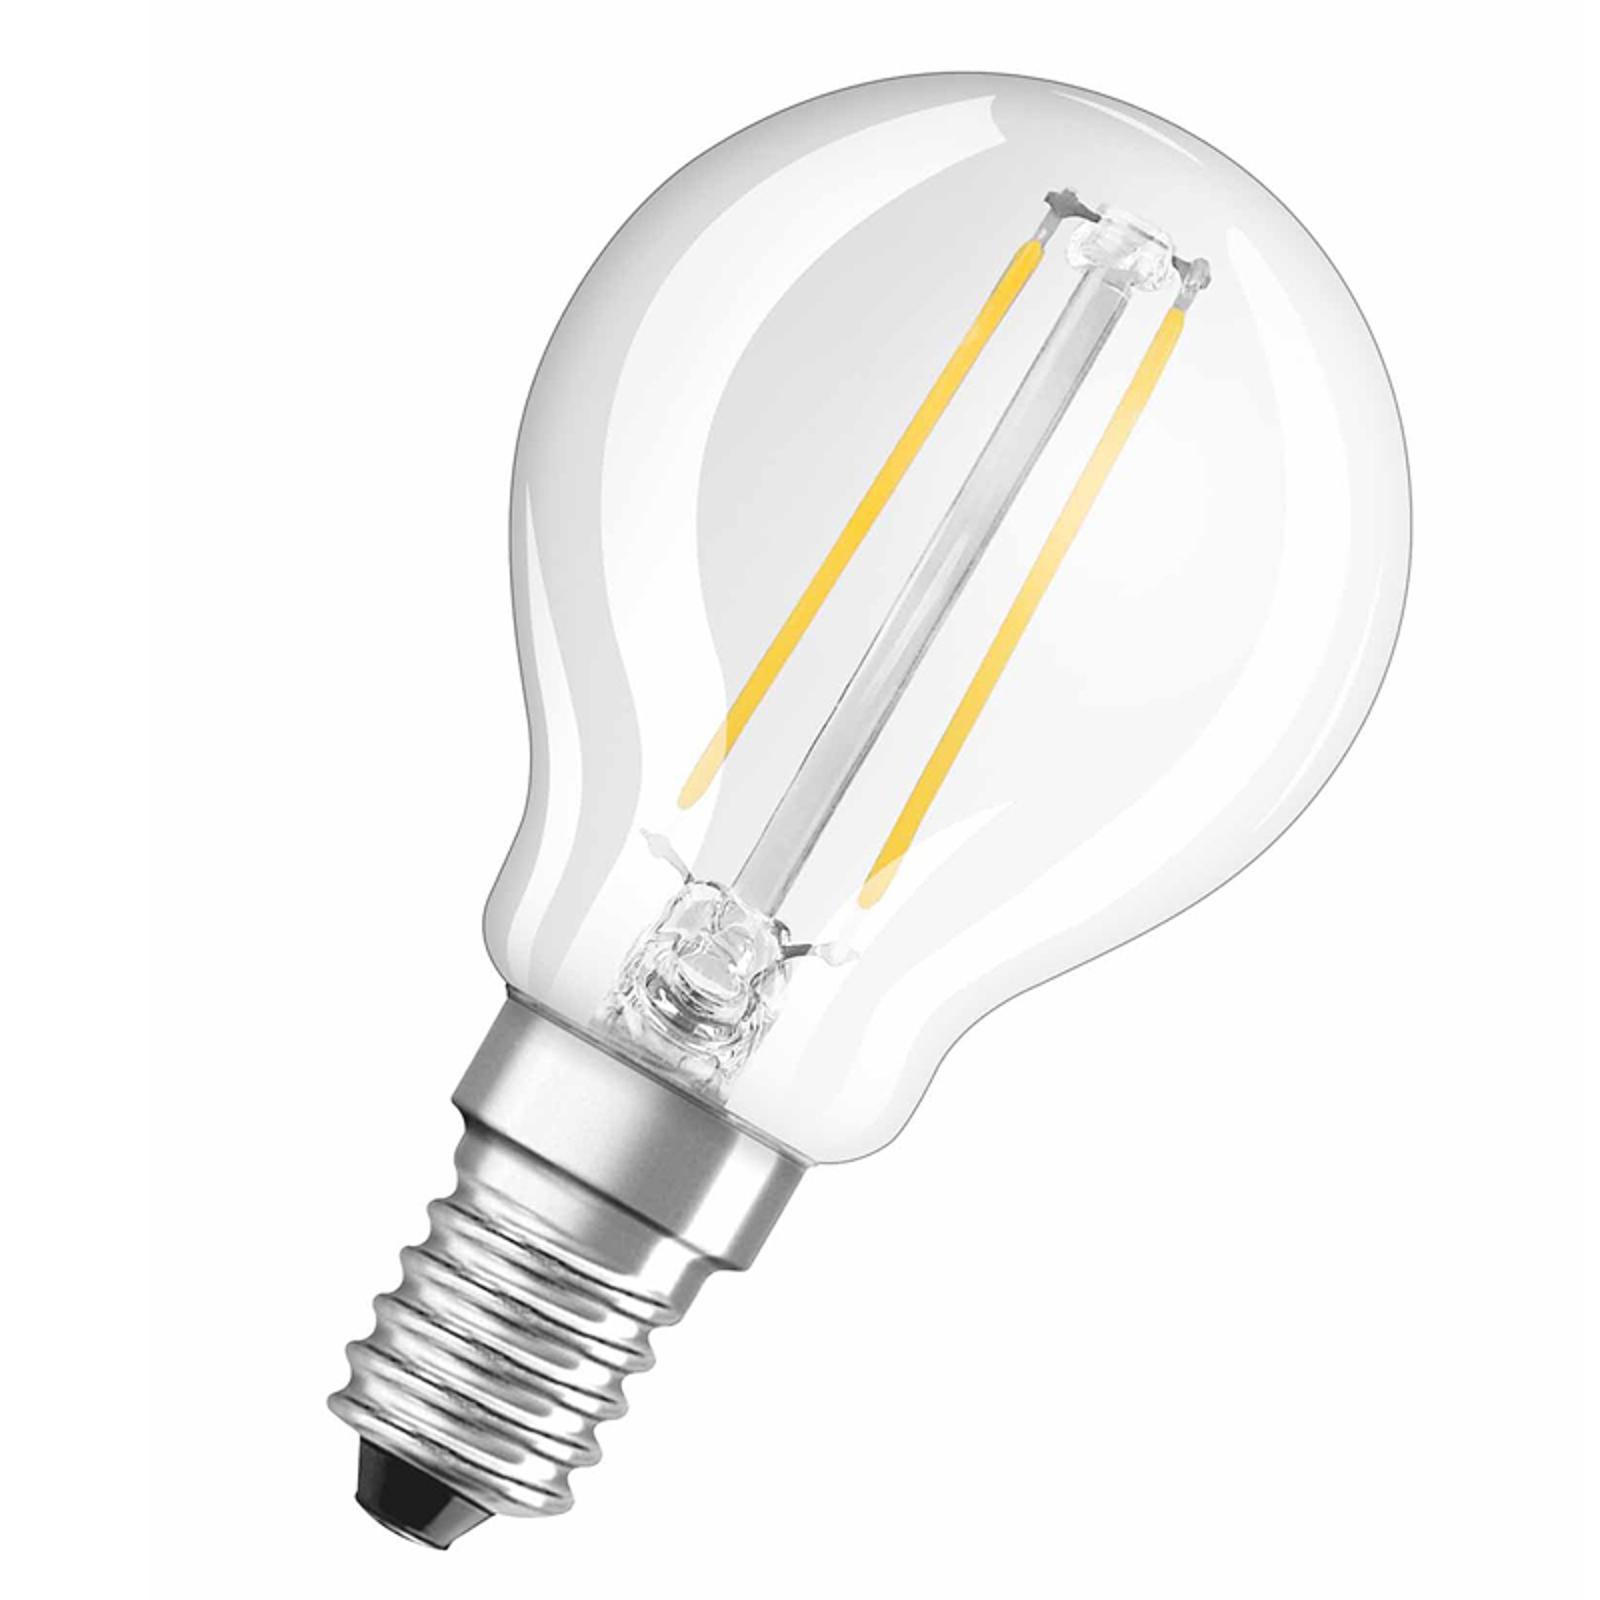 OSRAM LED-pære E14 dråper 2,5 W 827 retrofit klar